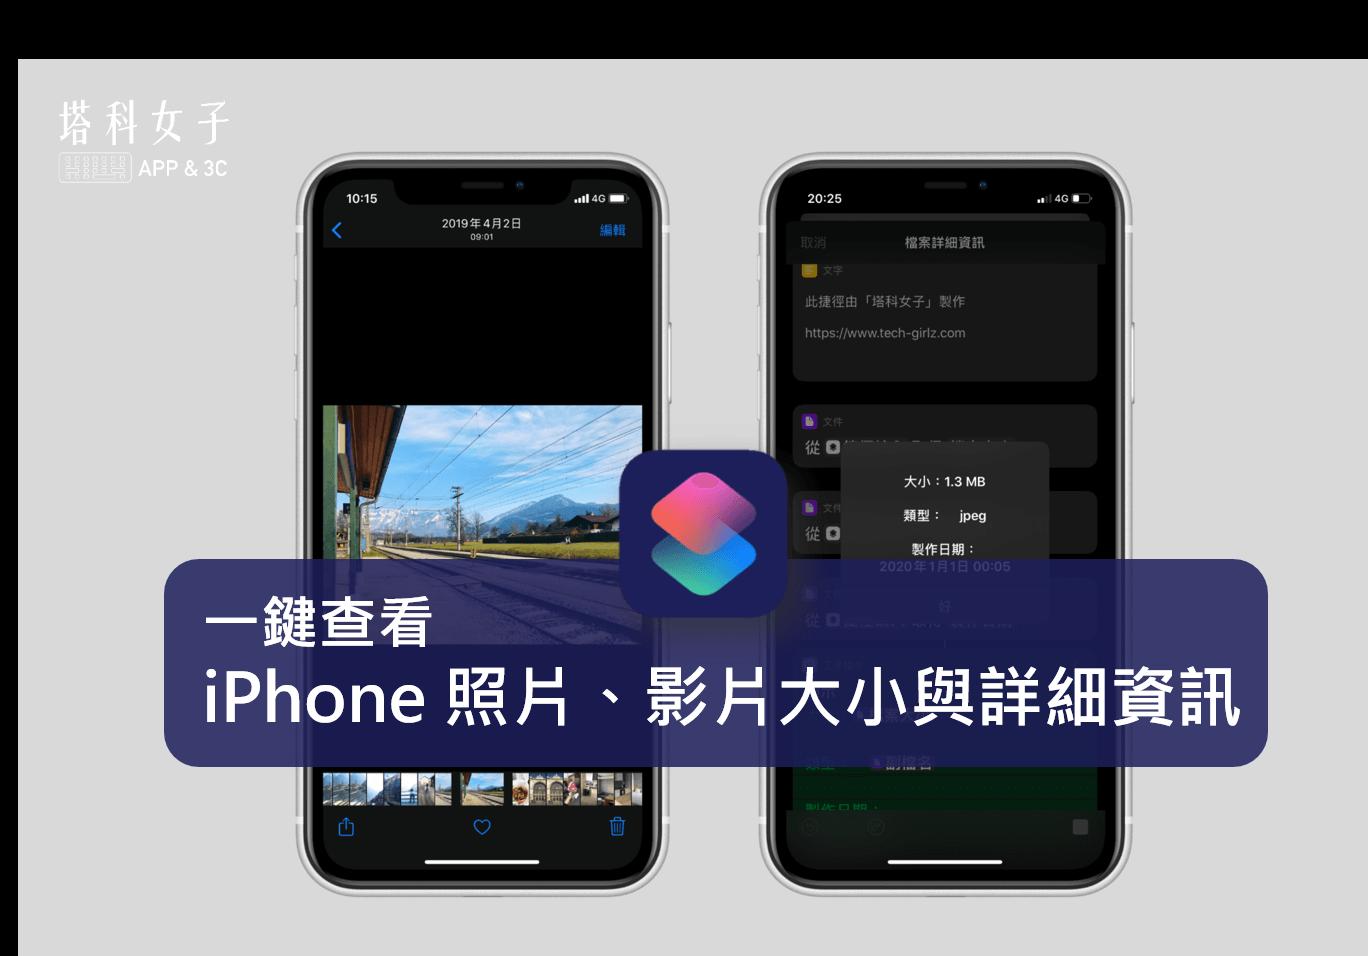 一键查看 iPhone 照片、影片大小与详细资讯 iOS 捷径